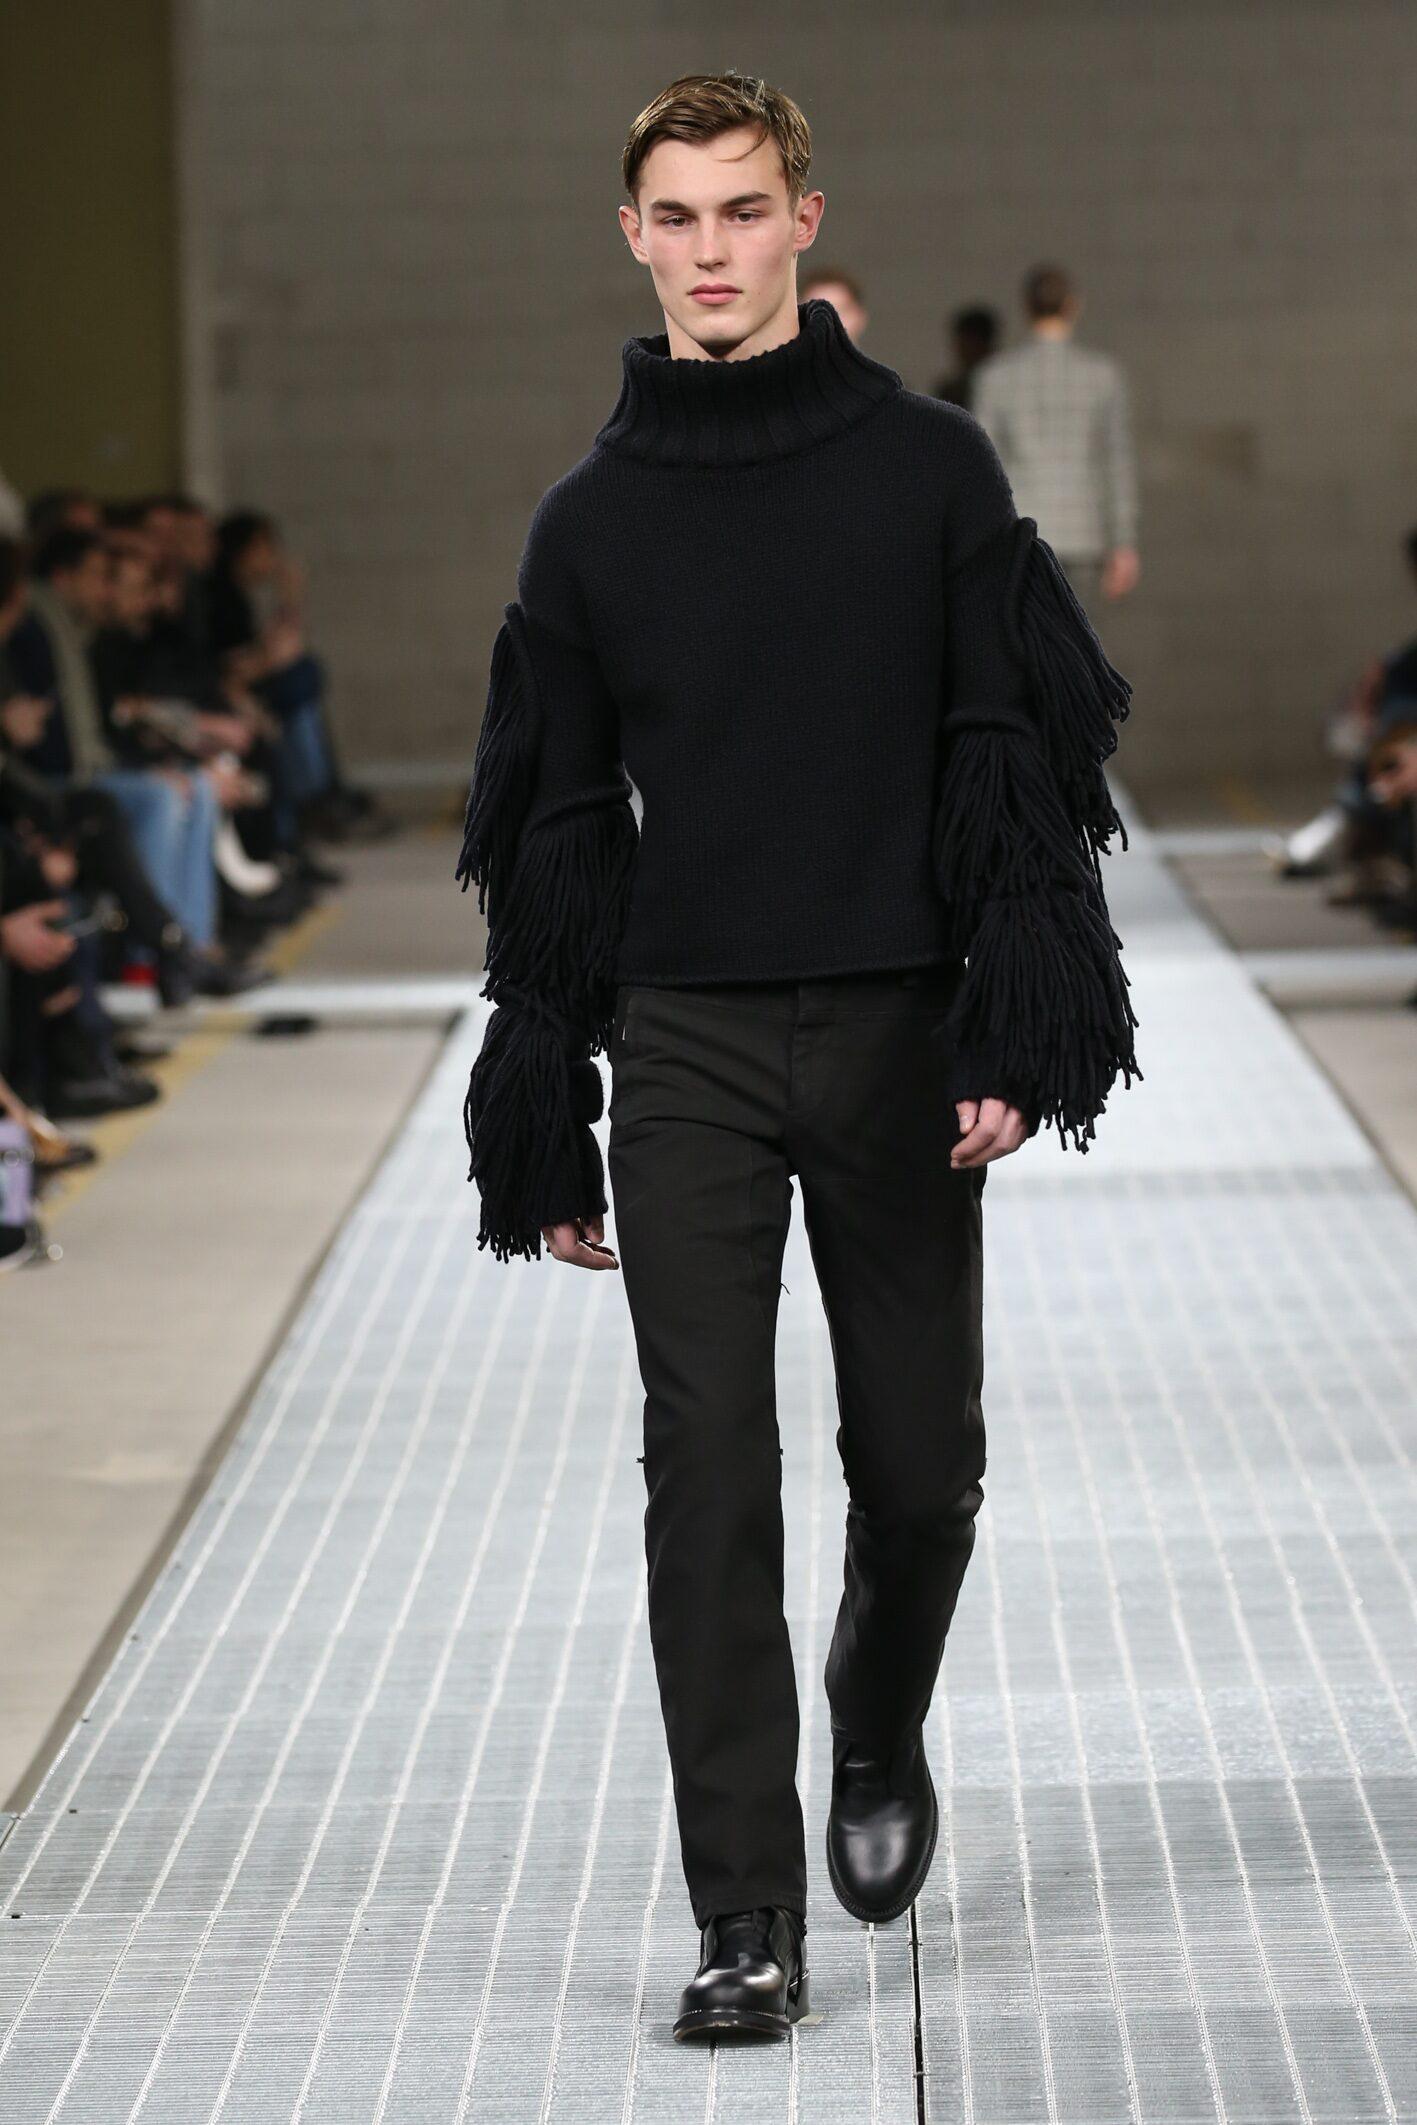 Dirk Bikkembergs FW 2017 Menswear